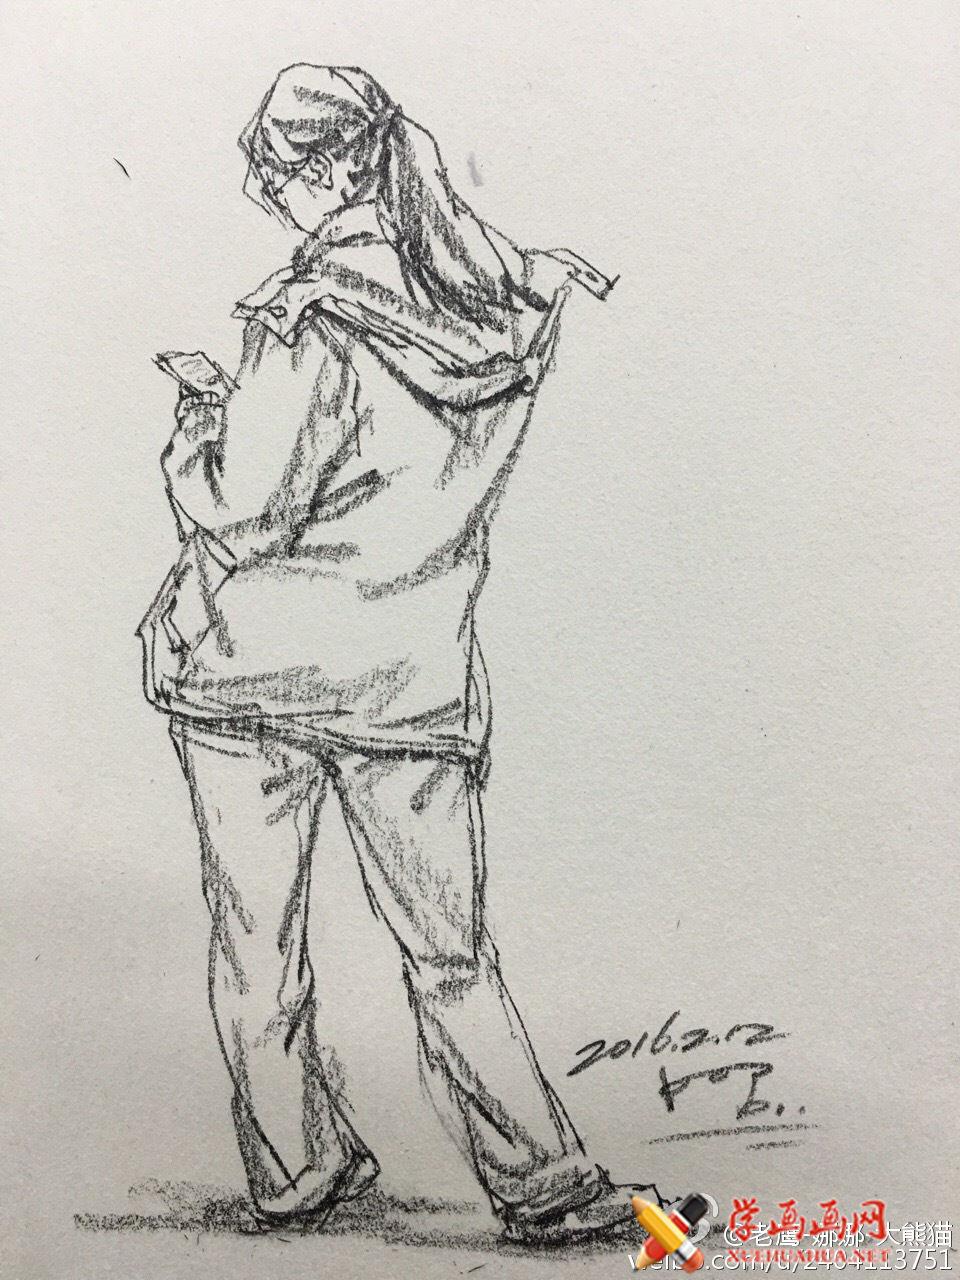 人物背部站姿速写范画图片(2)